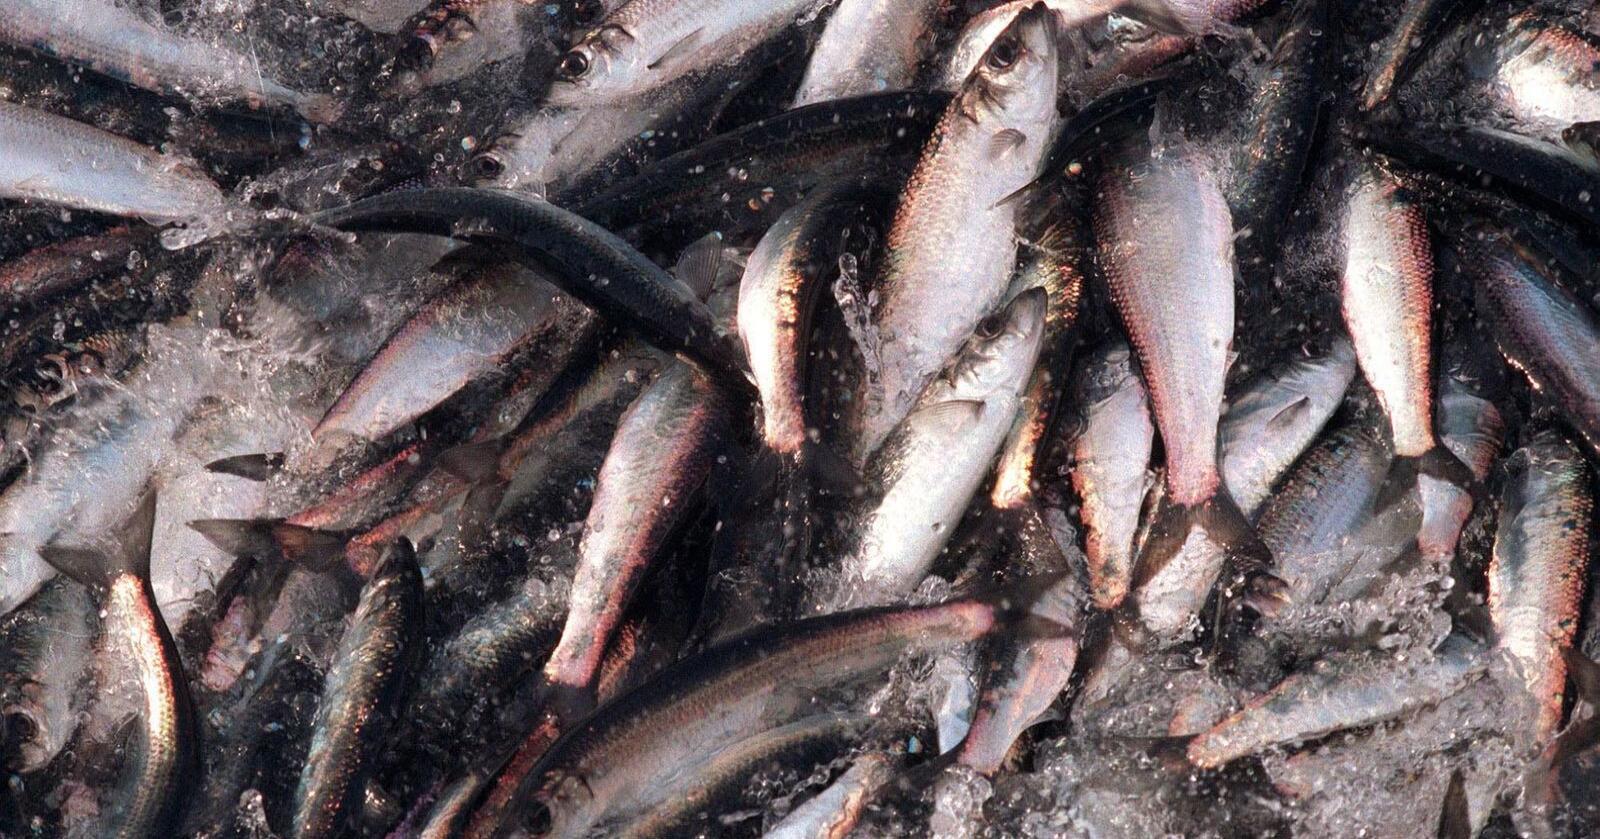 Fiskarar tener godt på at sushi er populært. På eitt år har verdien av silderogn firedobla seg. Illustrasjonsfoto: Lise Åserud / NTB scanpix / NPK